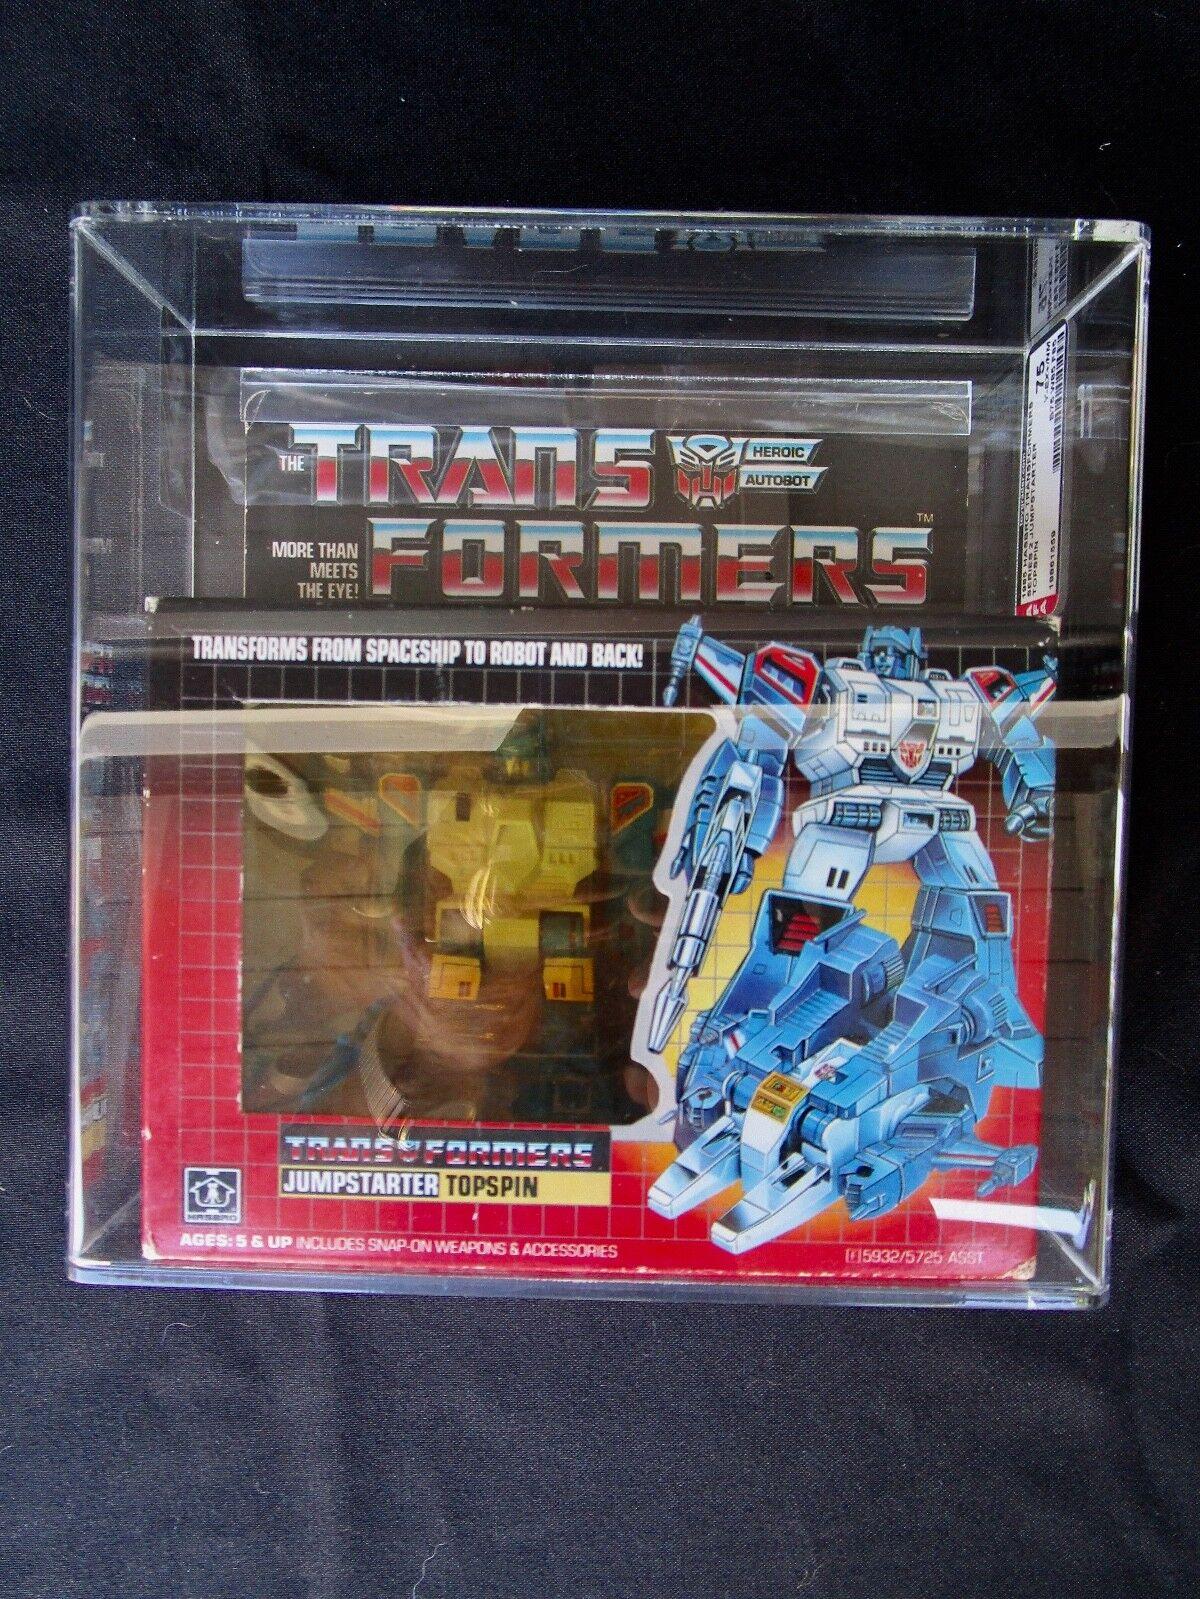 1985 personaggi Transformers autorità JUMPestrellaTER TopSpin SIGILLATO Nuovo di zecca in scatola sigillata scatola Nuovo di zecca con scatola